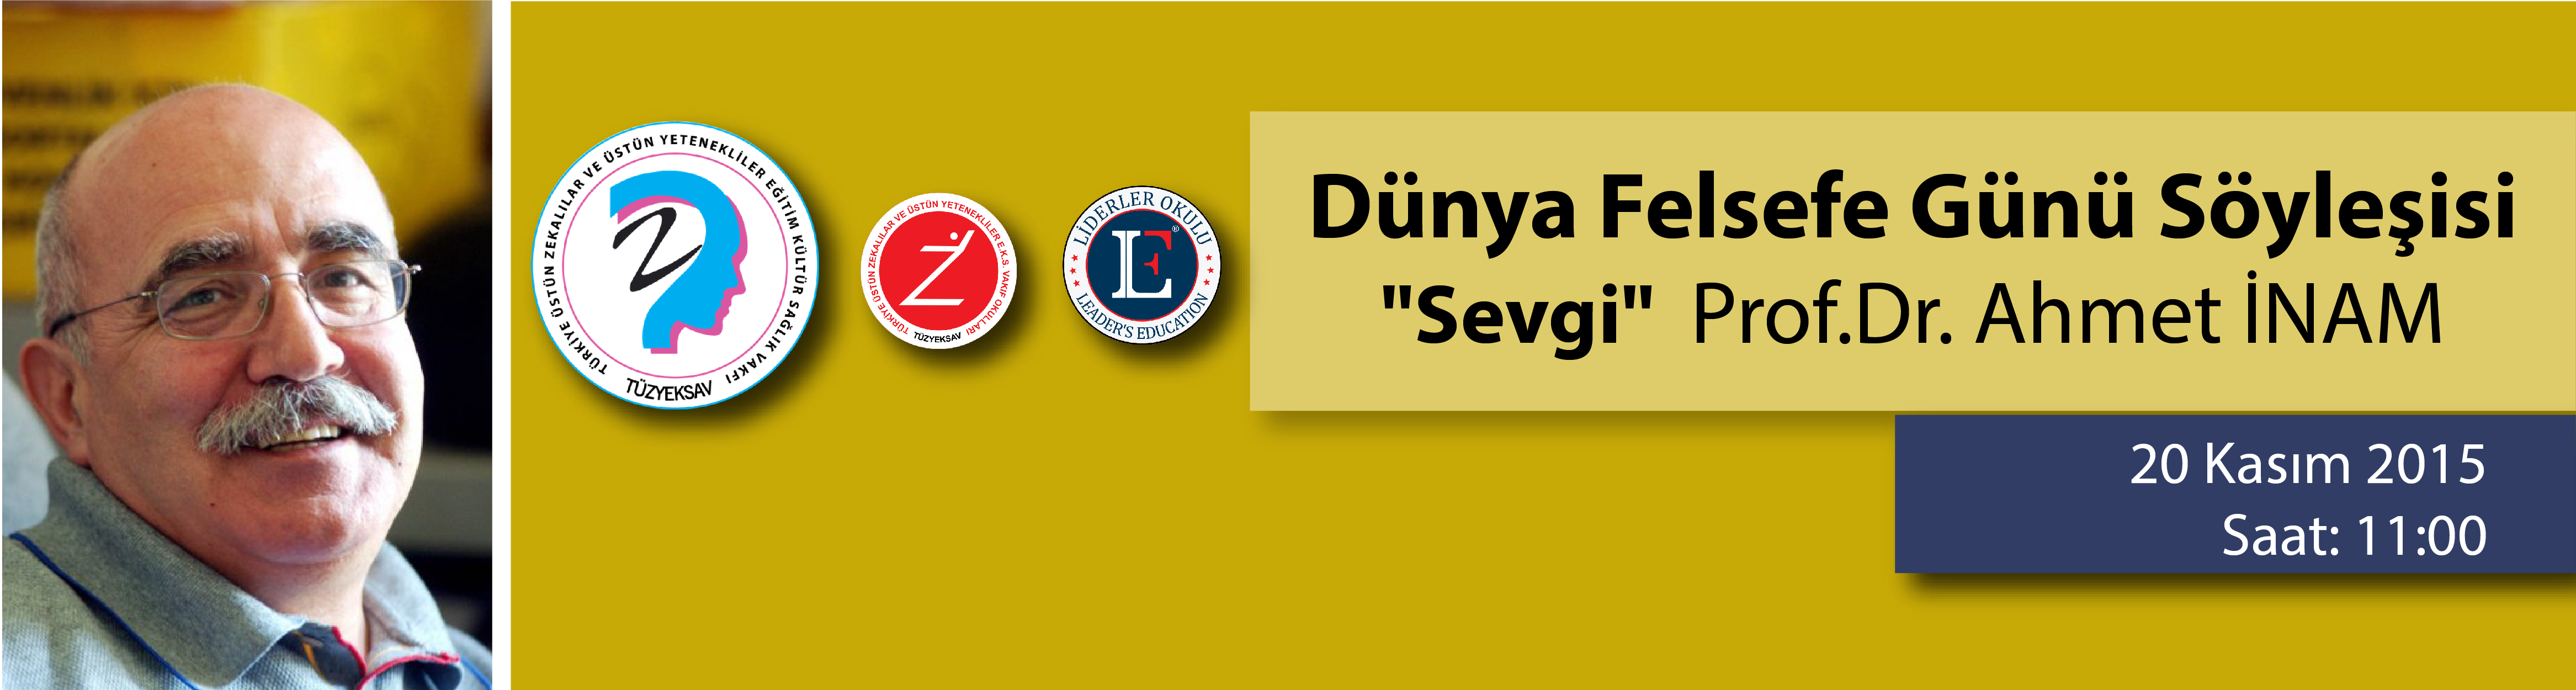 websöylesiİİİ-03-03